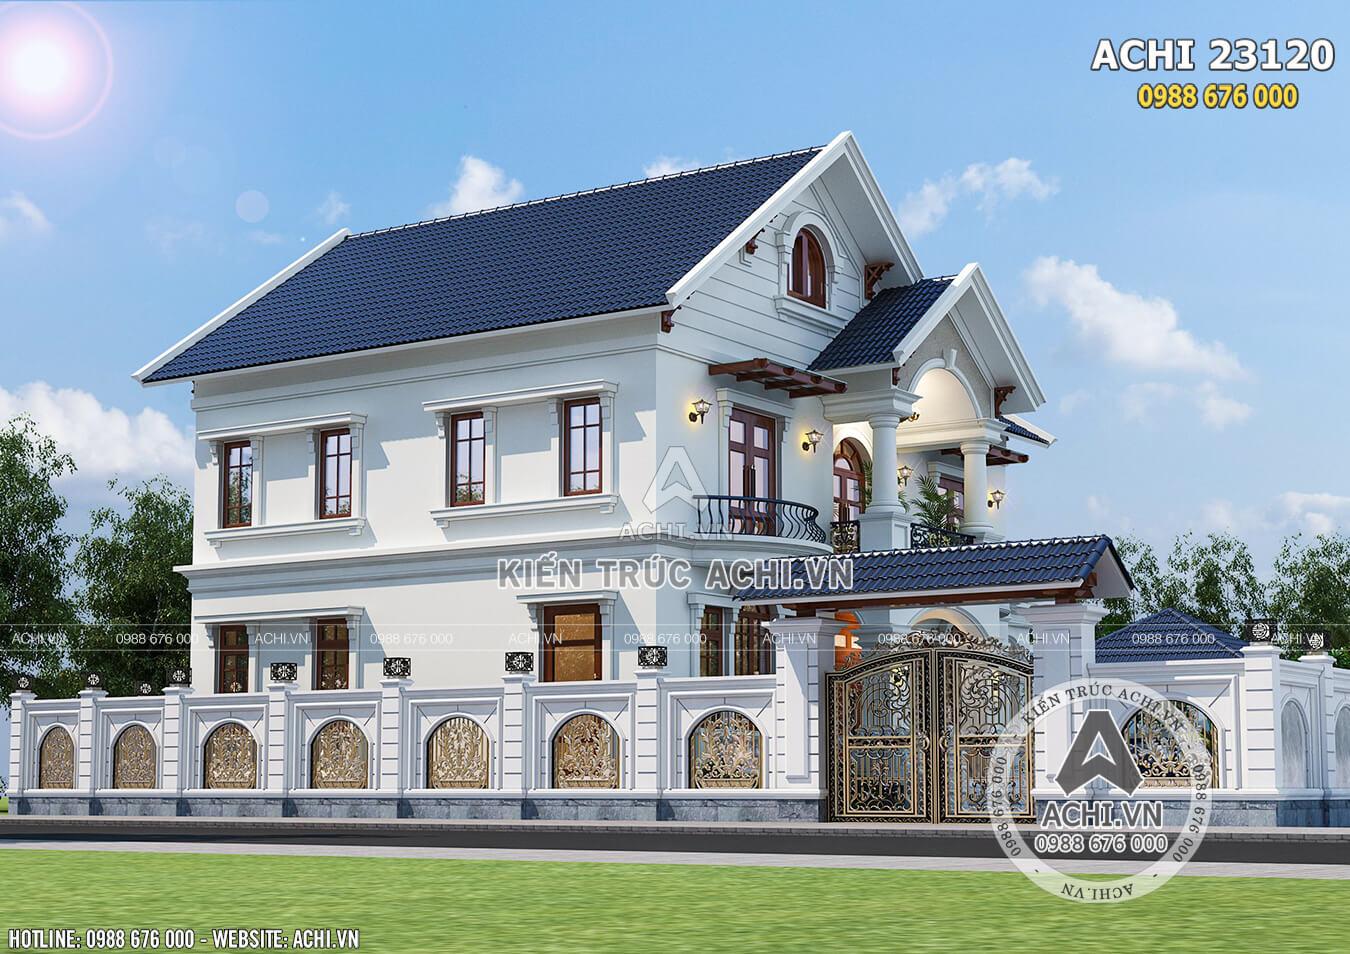 Hình ảnh: Một góc view của biệt thự vườn 2 tầng tại Ninh Thuận – ACHI 23120